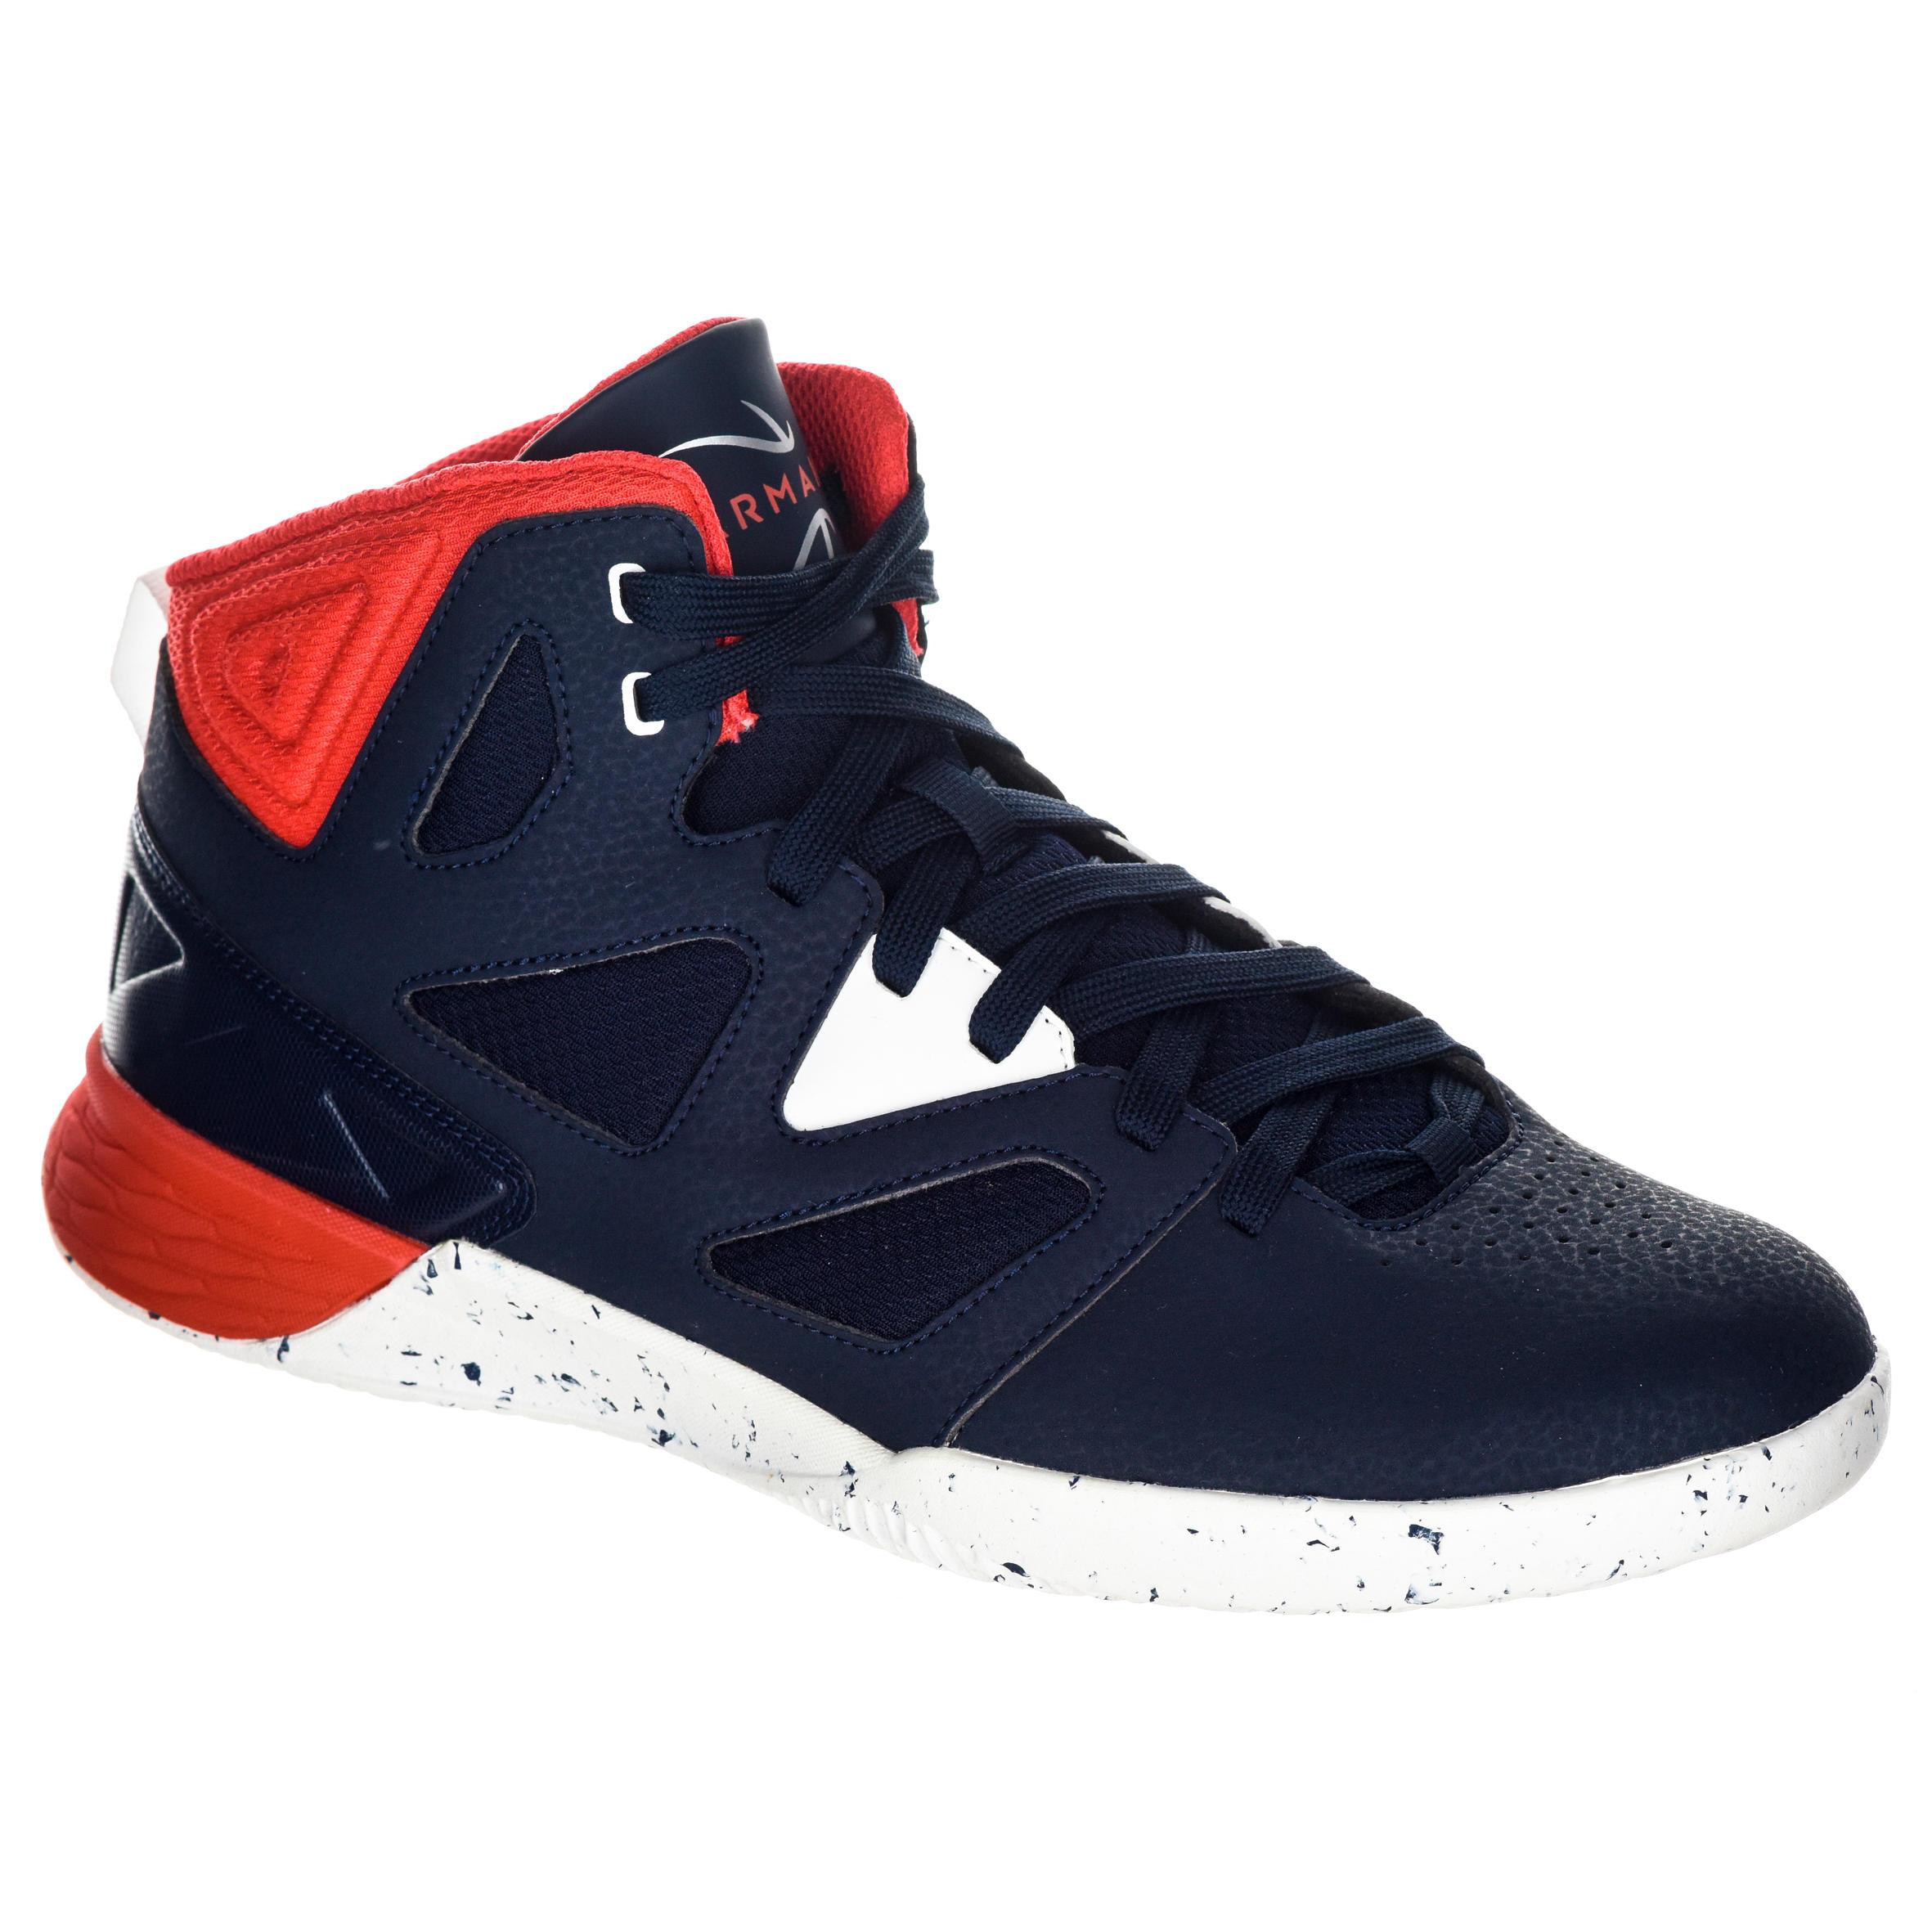 Basketbalkleding en schoenen kopen met voordeel